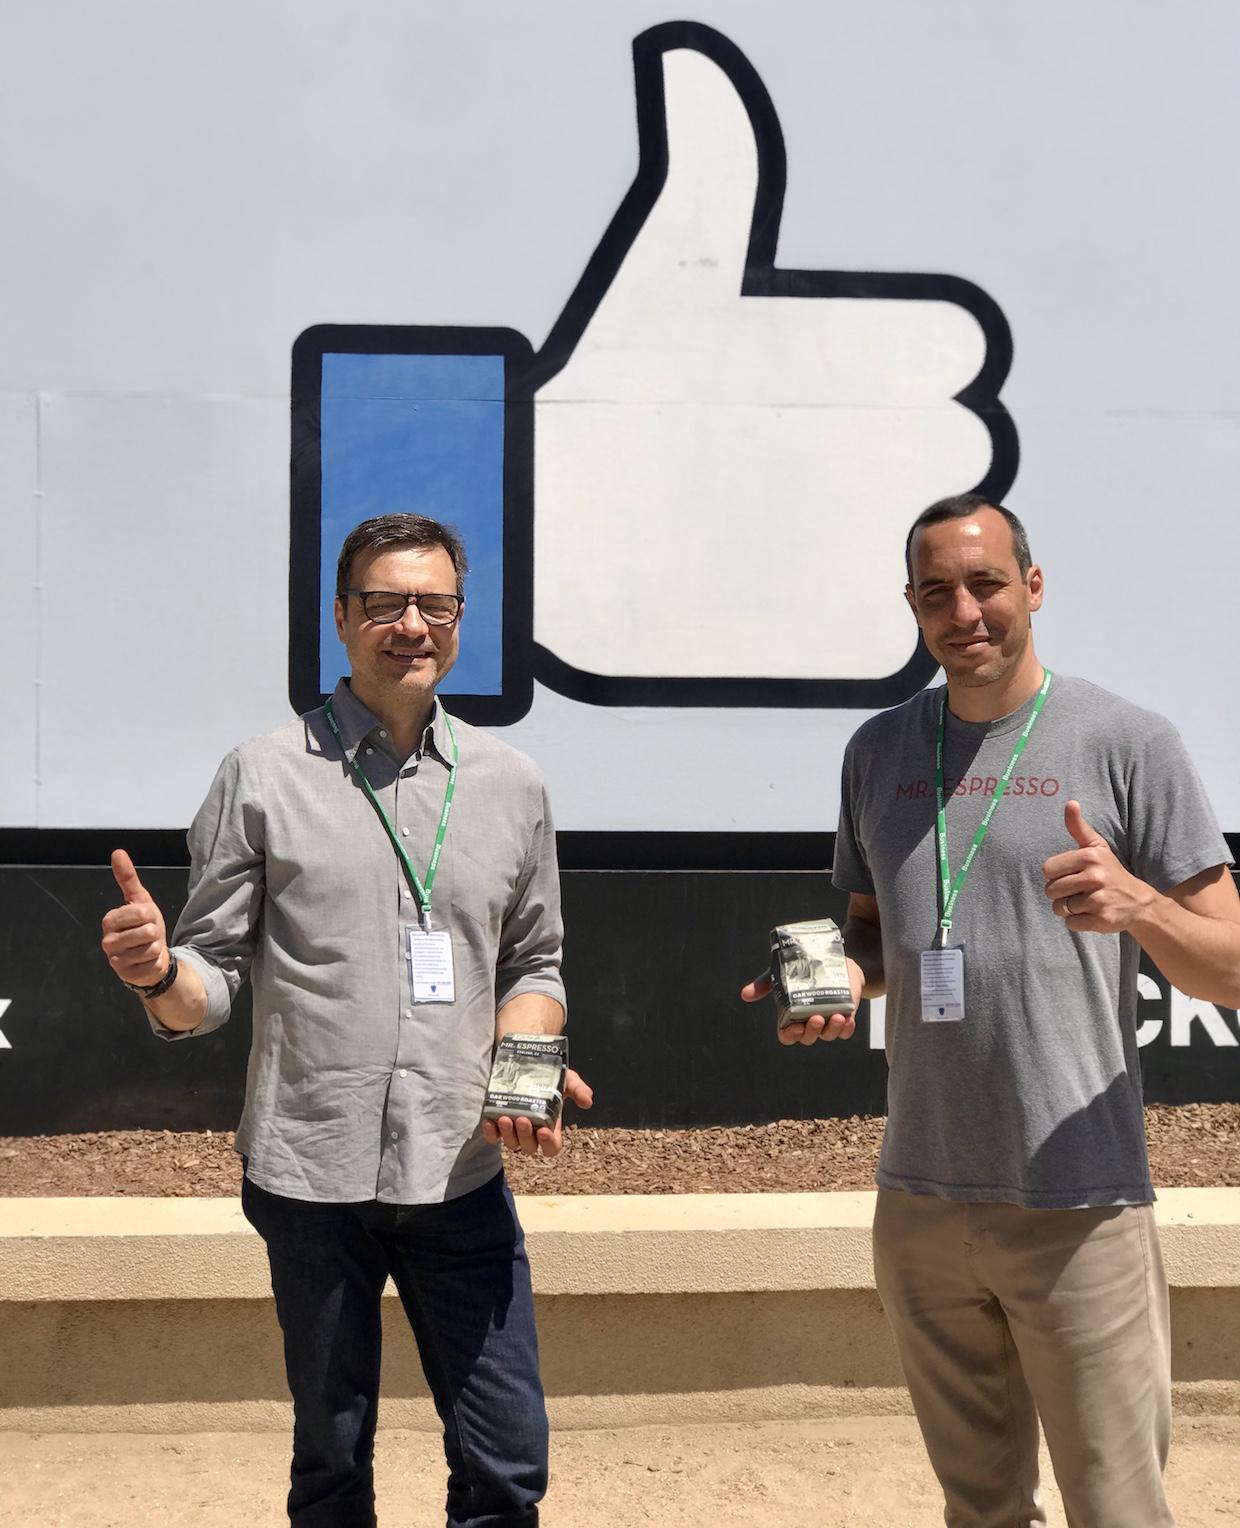 Mr. Espresso at Facebook coffee